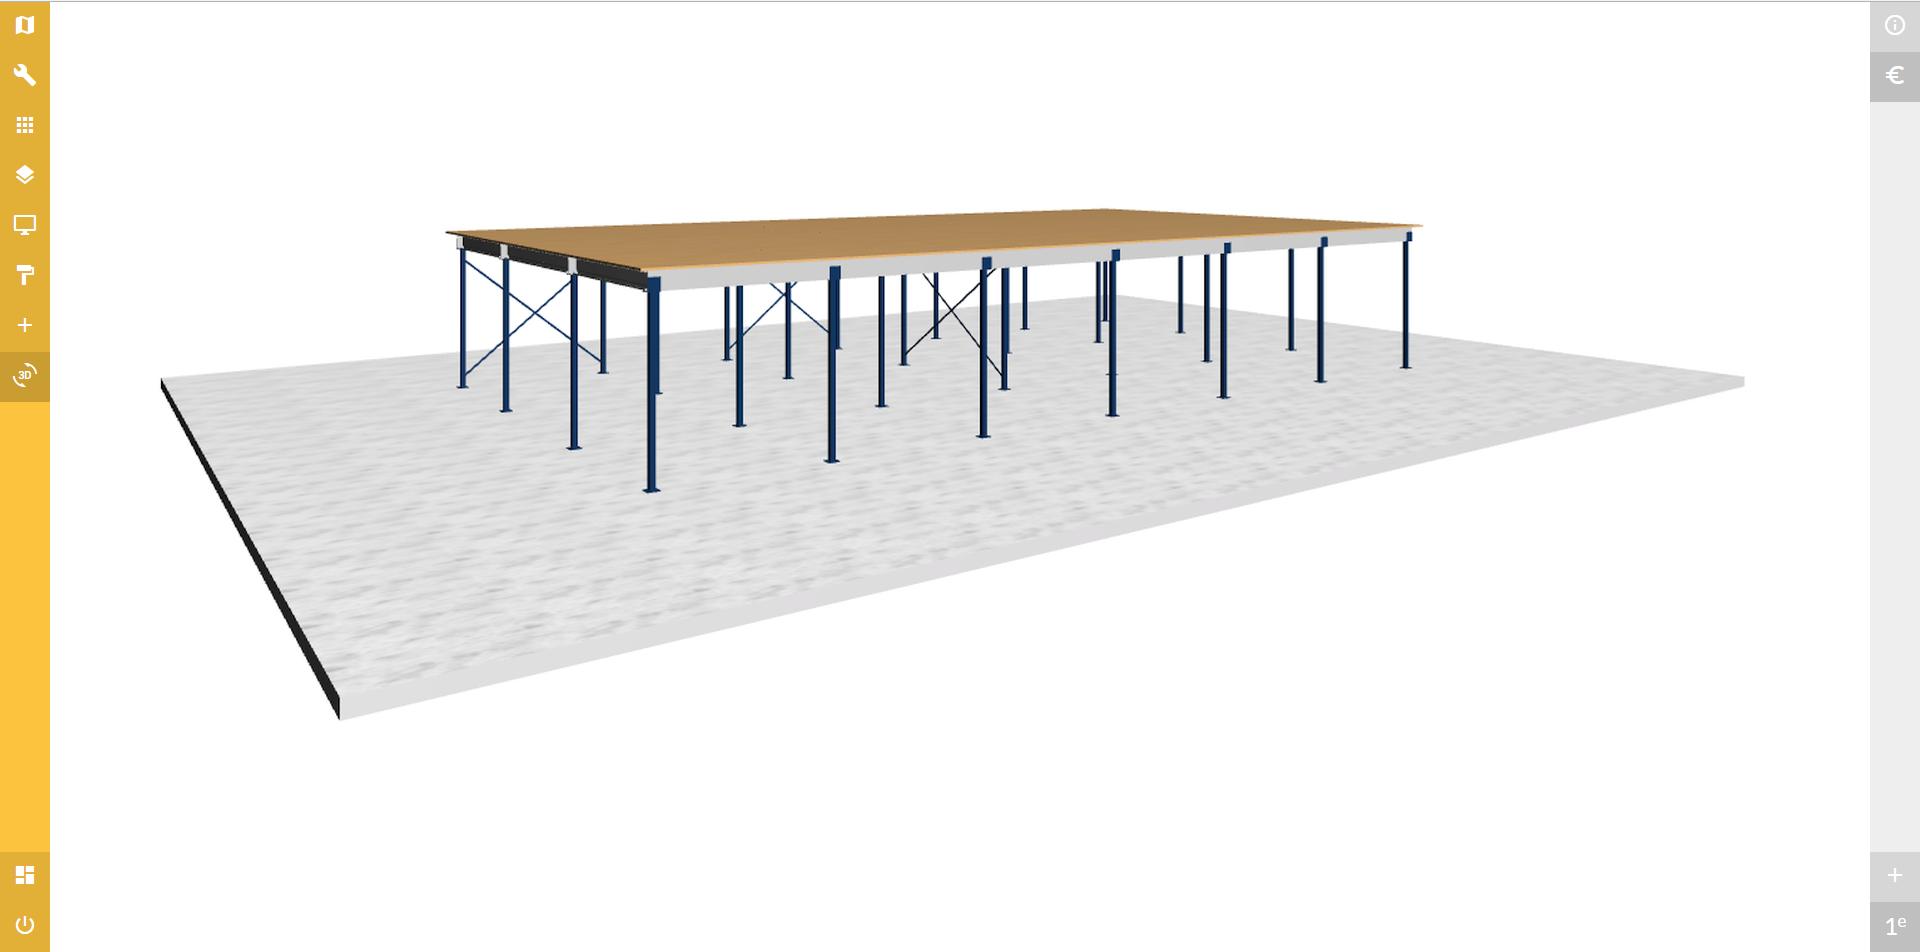 Voorbeeld configuratie van een vloer